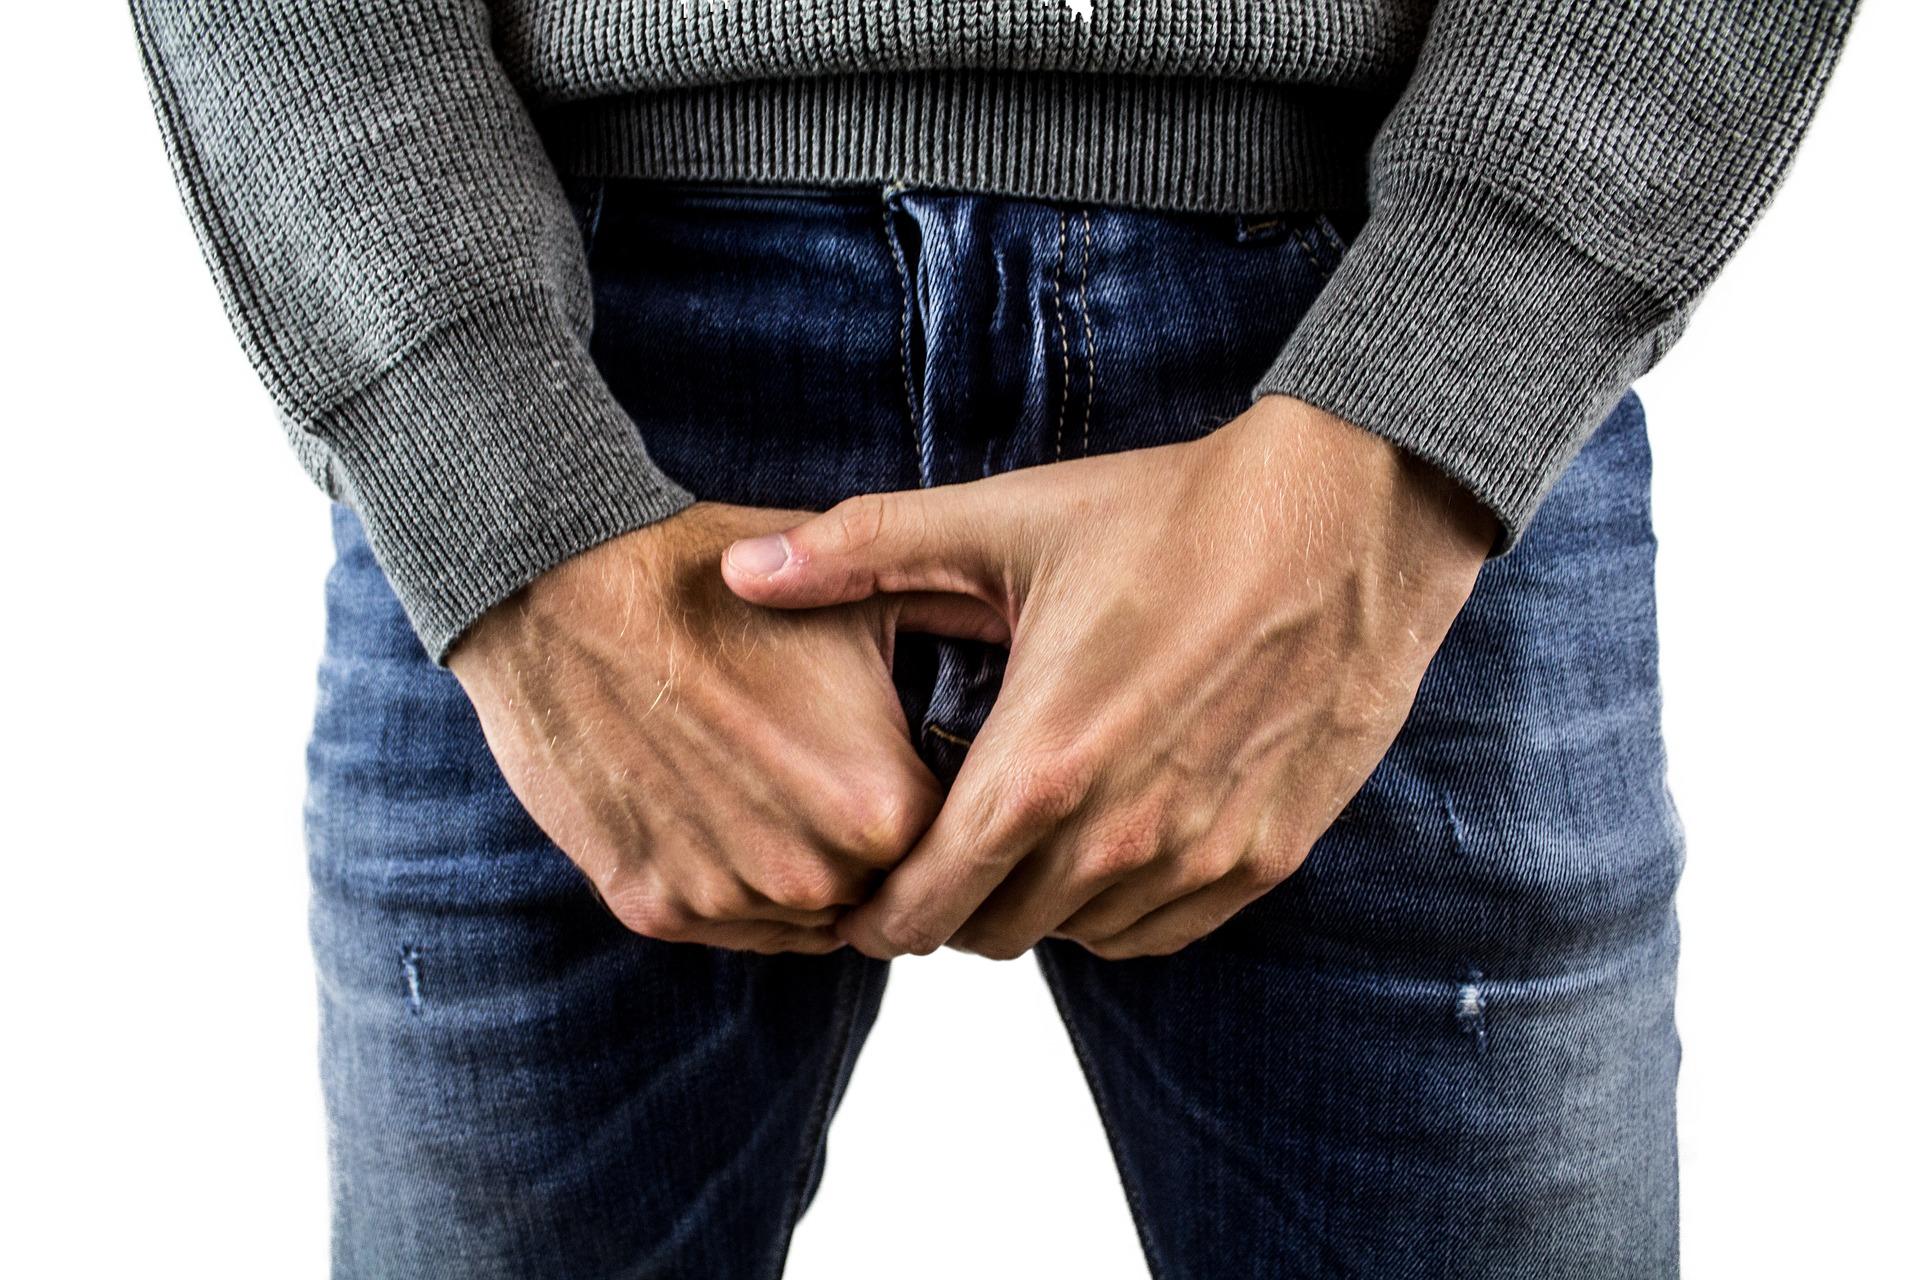 probleme de urinare